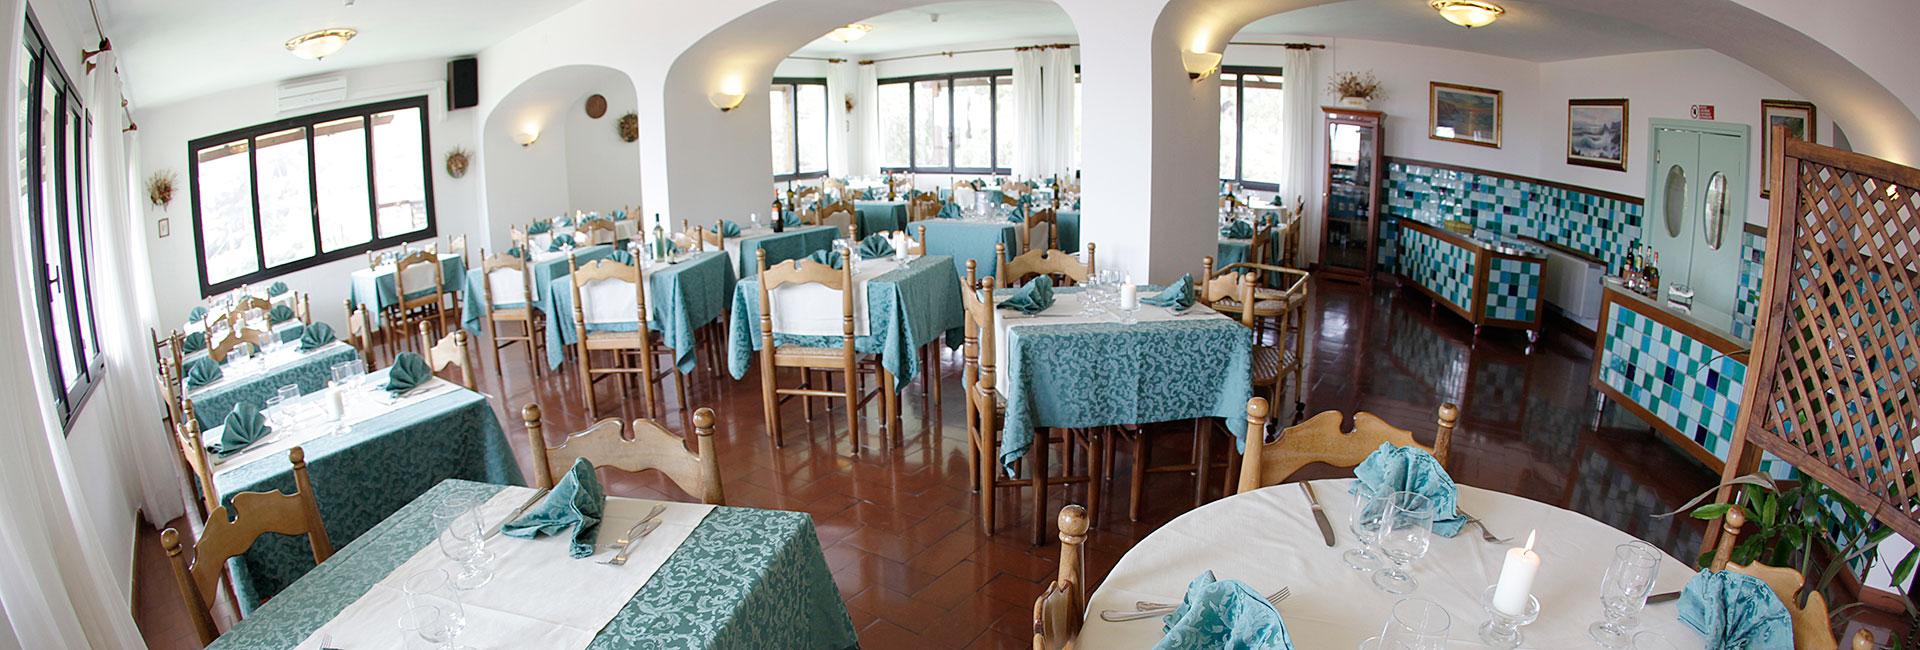 Restaurant Hotel Galli